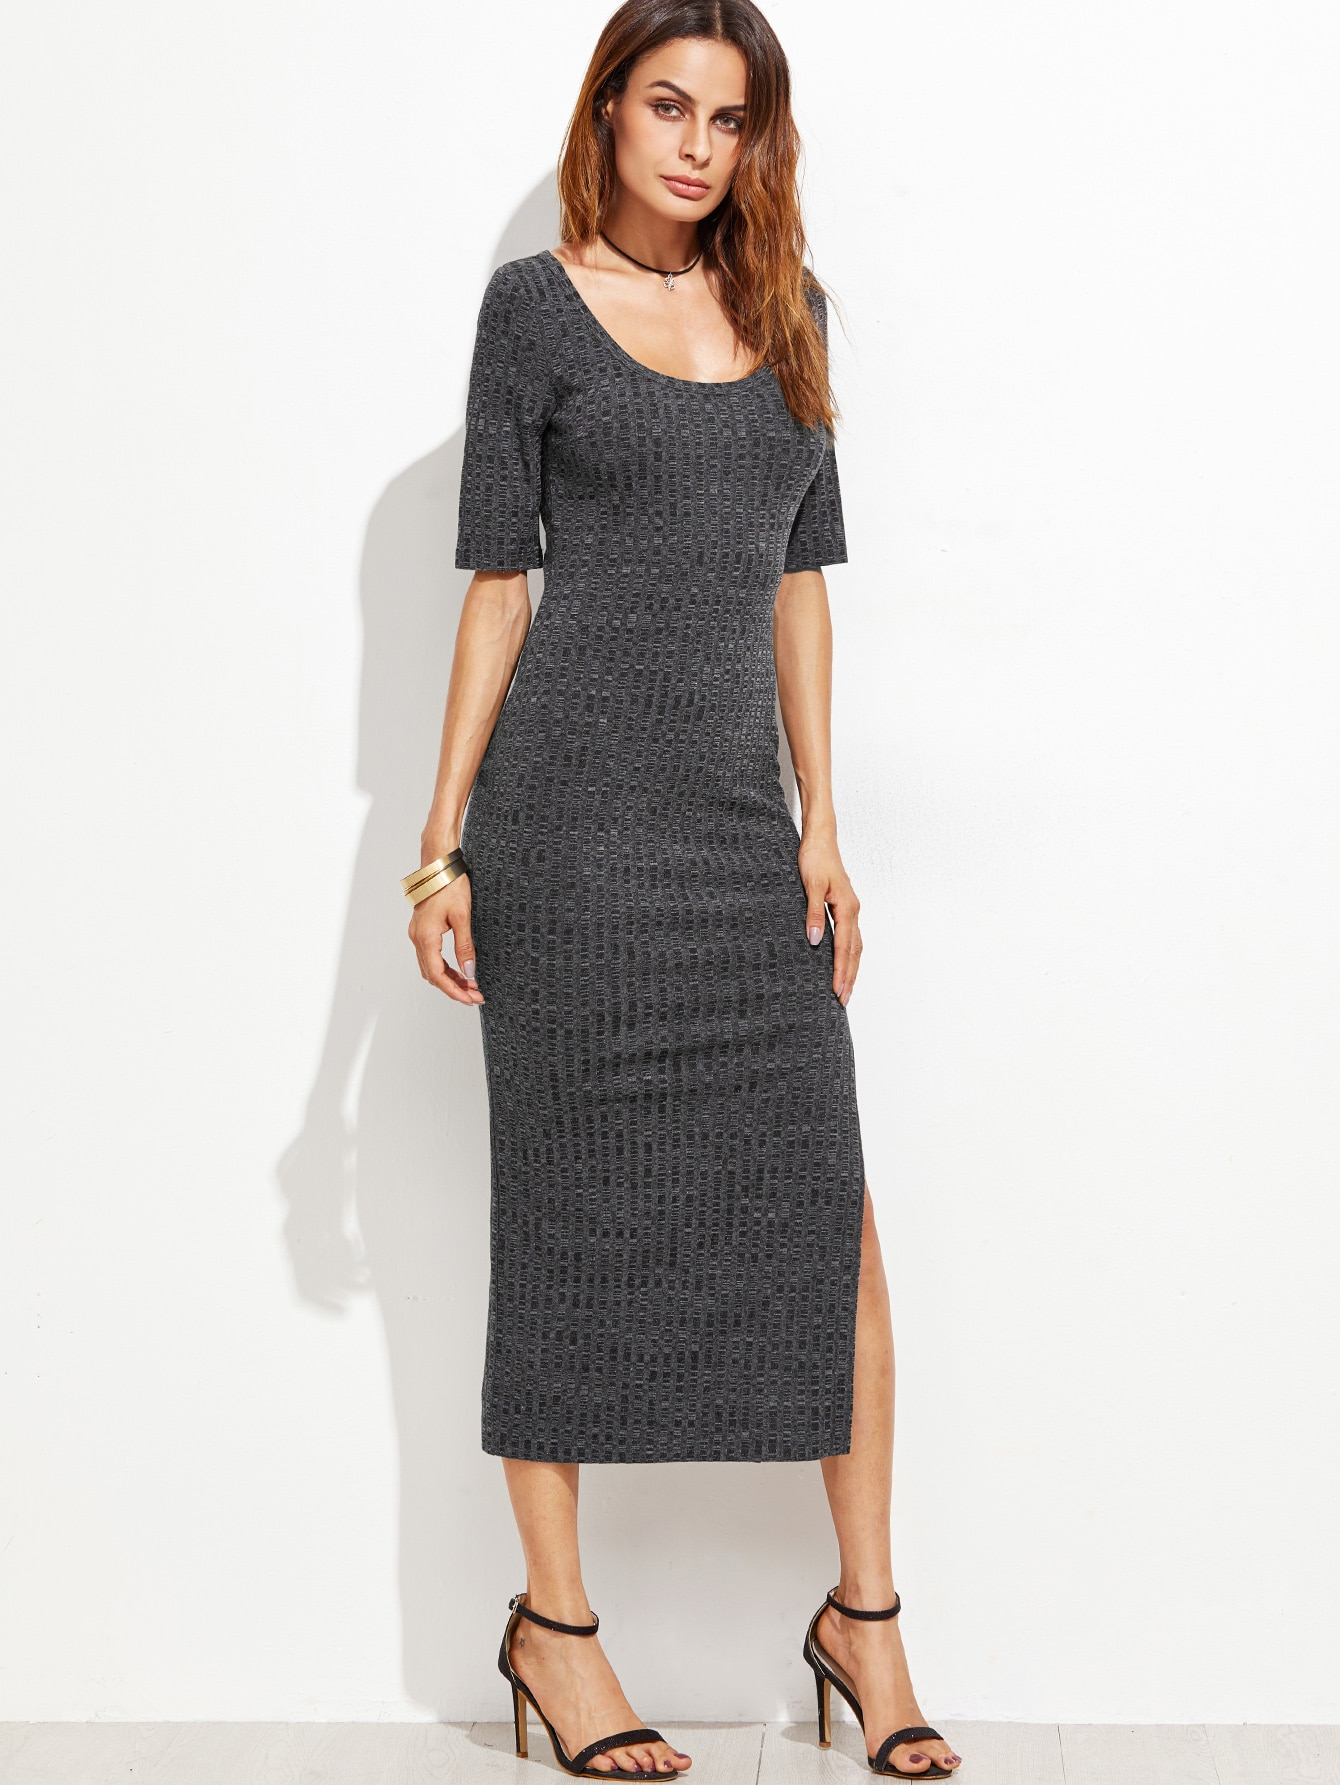 Grey Scoop Neck Side Slit Ribbed Dress dress161013707